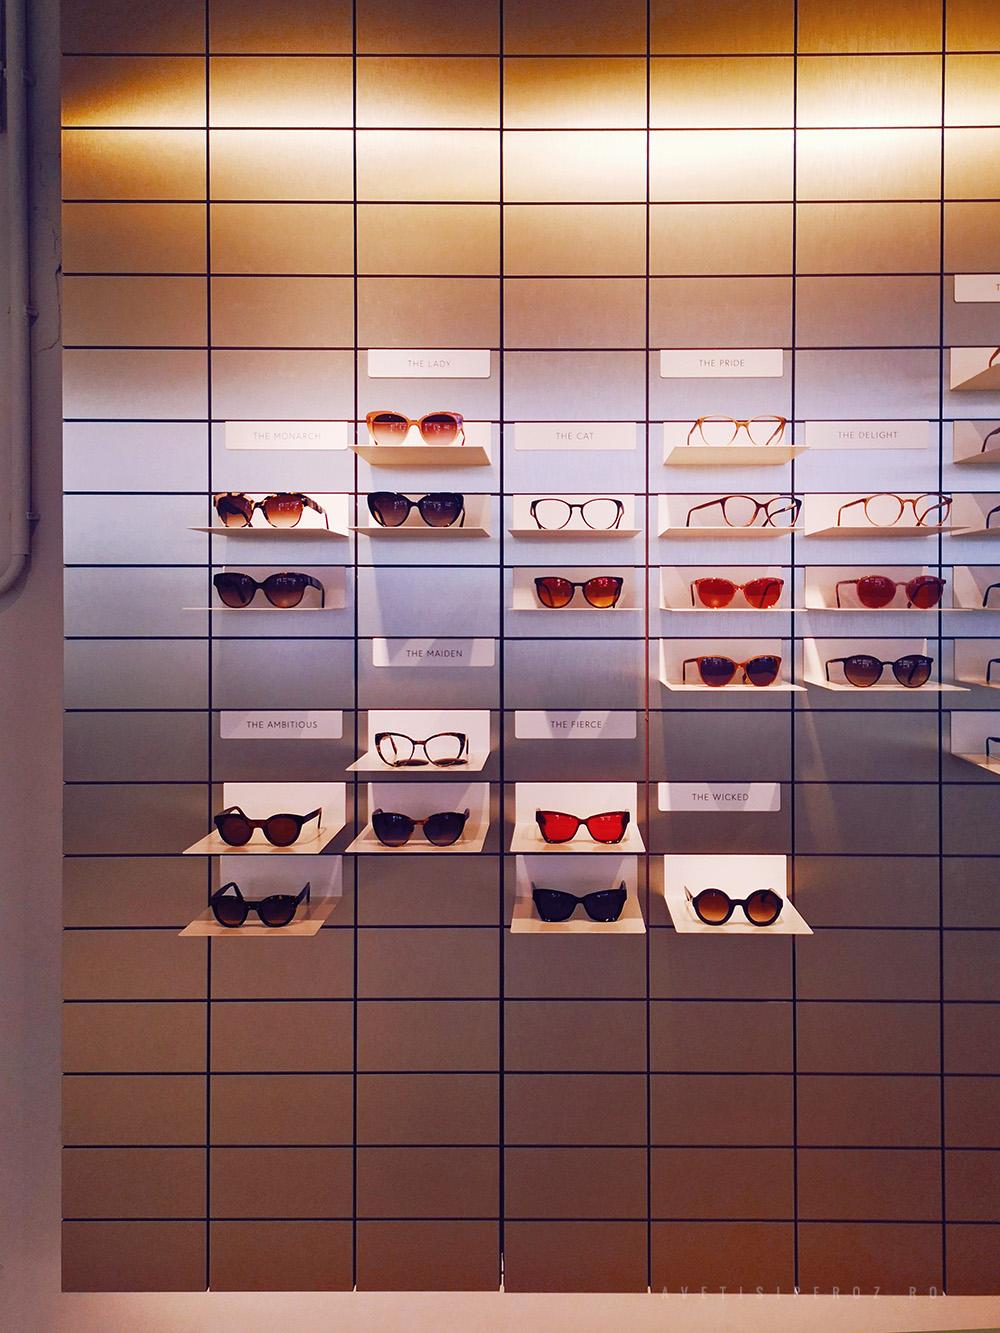 ochelari magazin viu